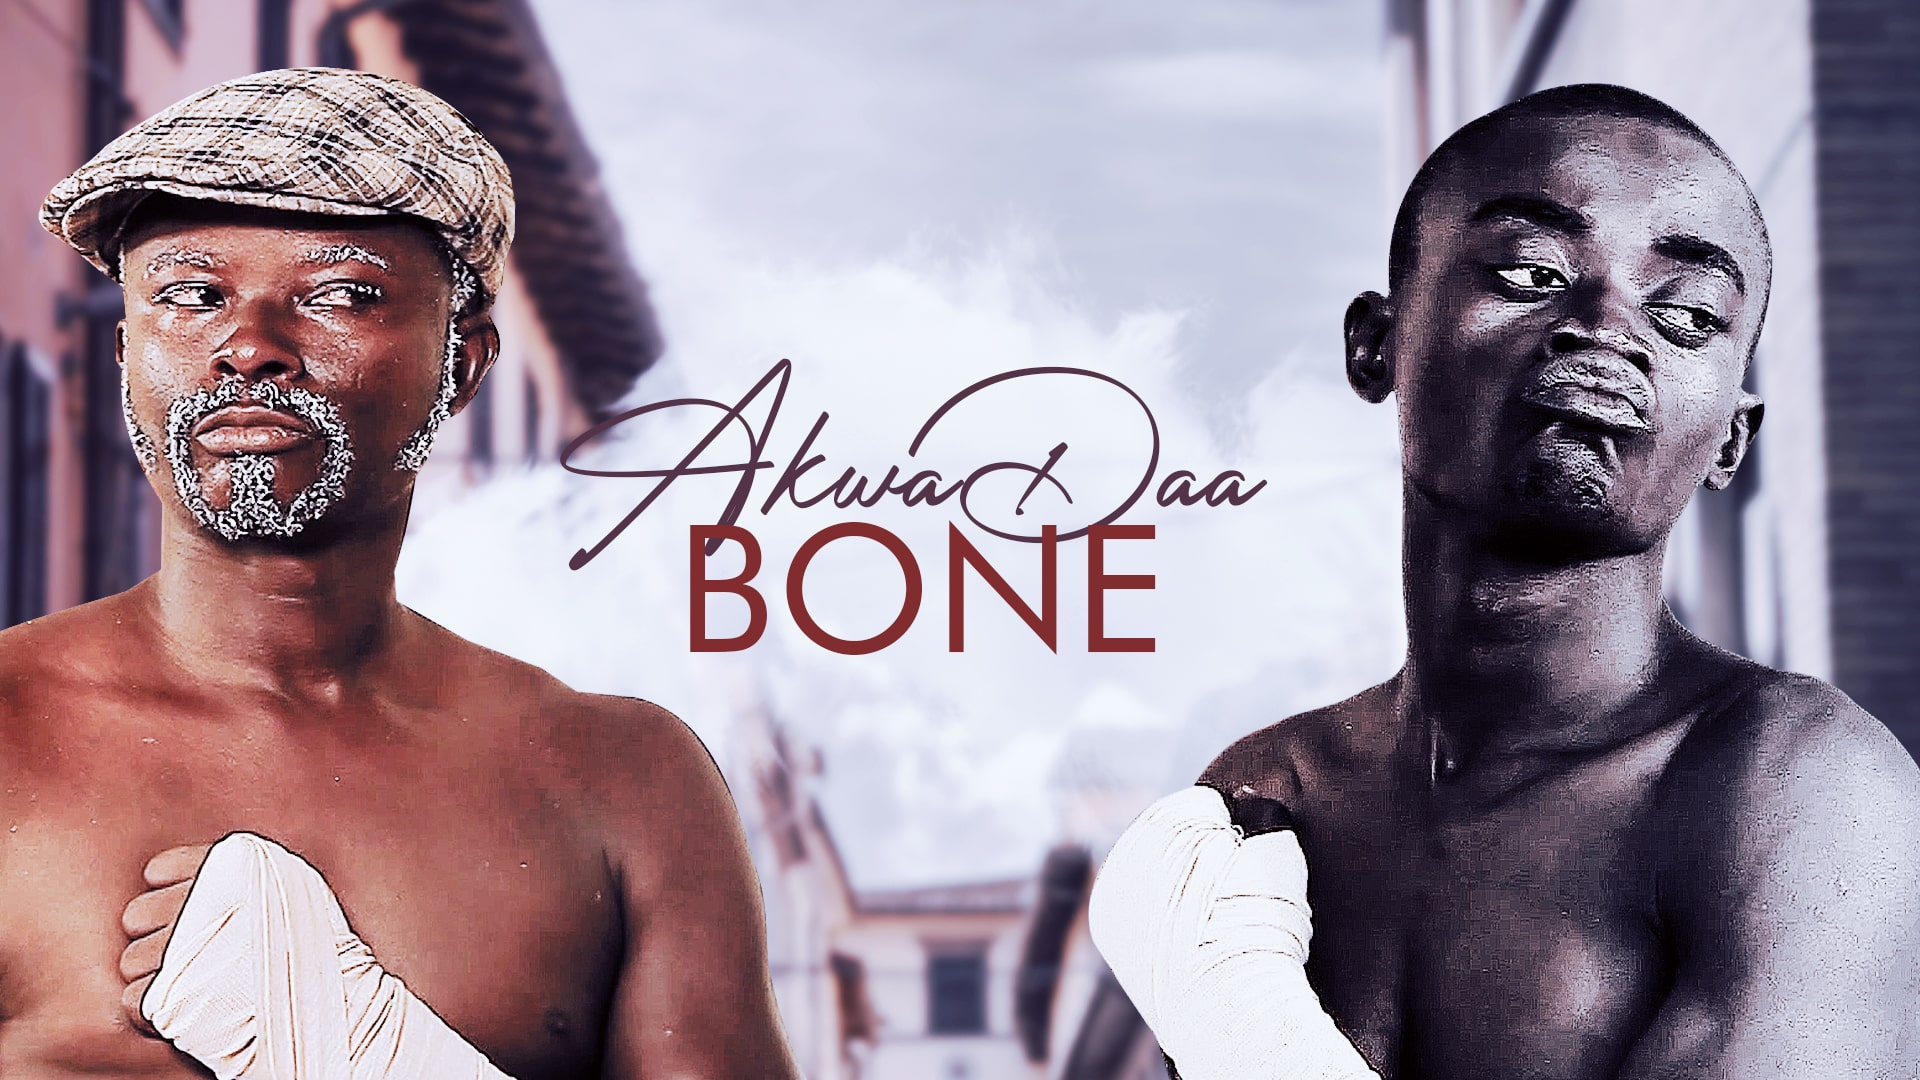 Akwadaa Bone